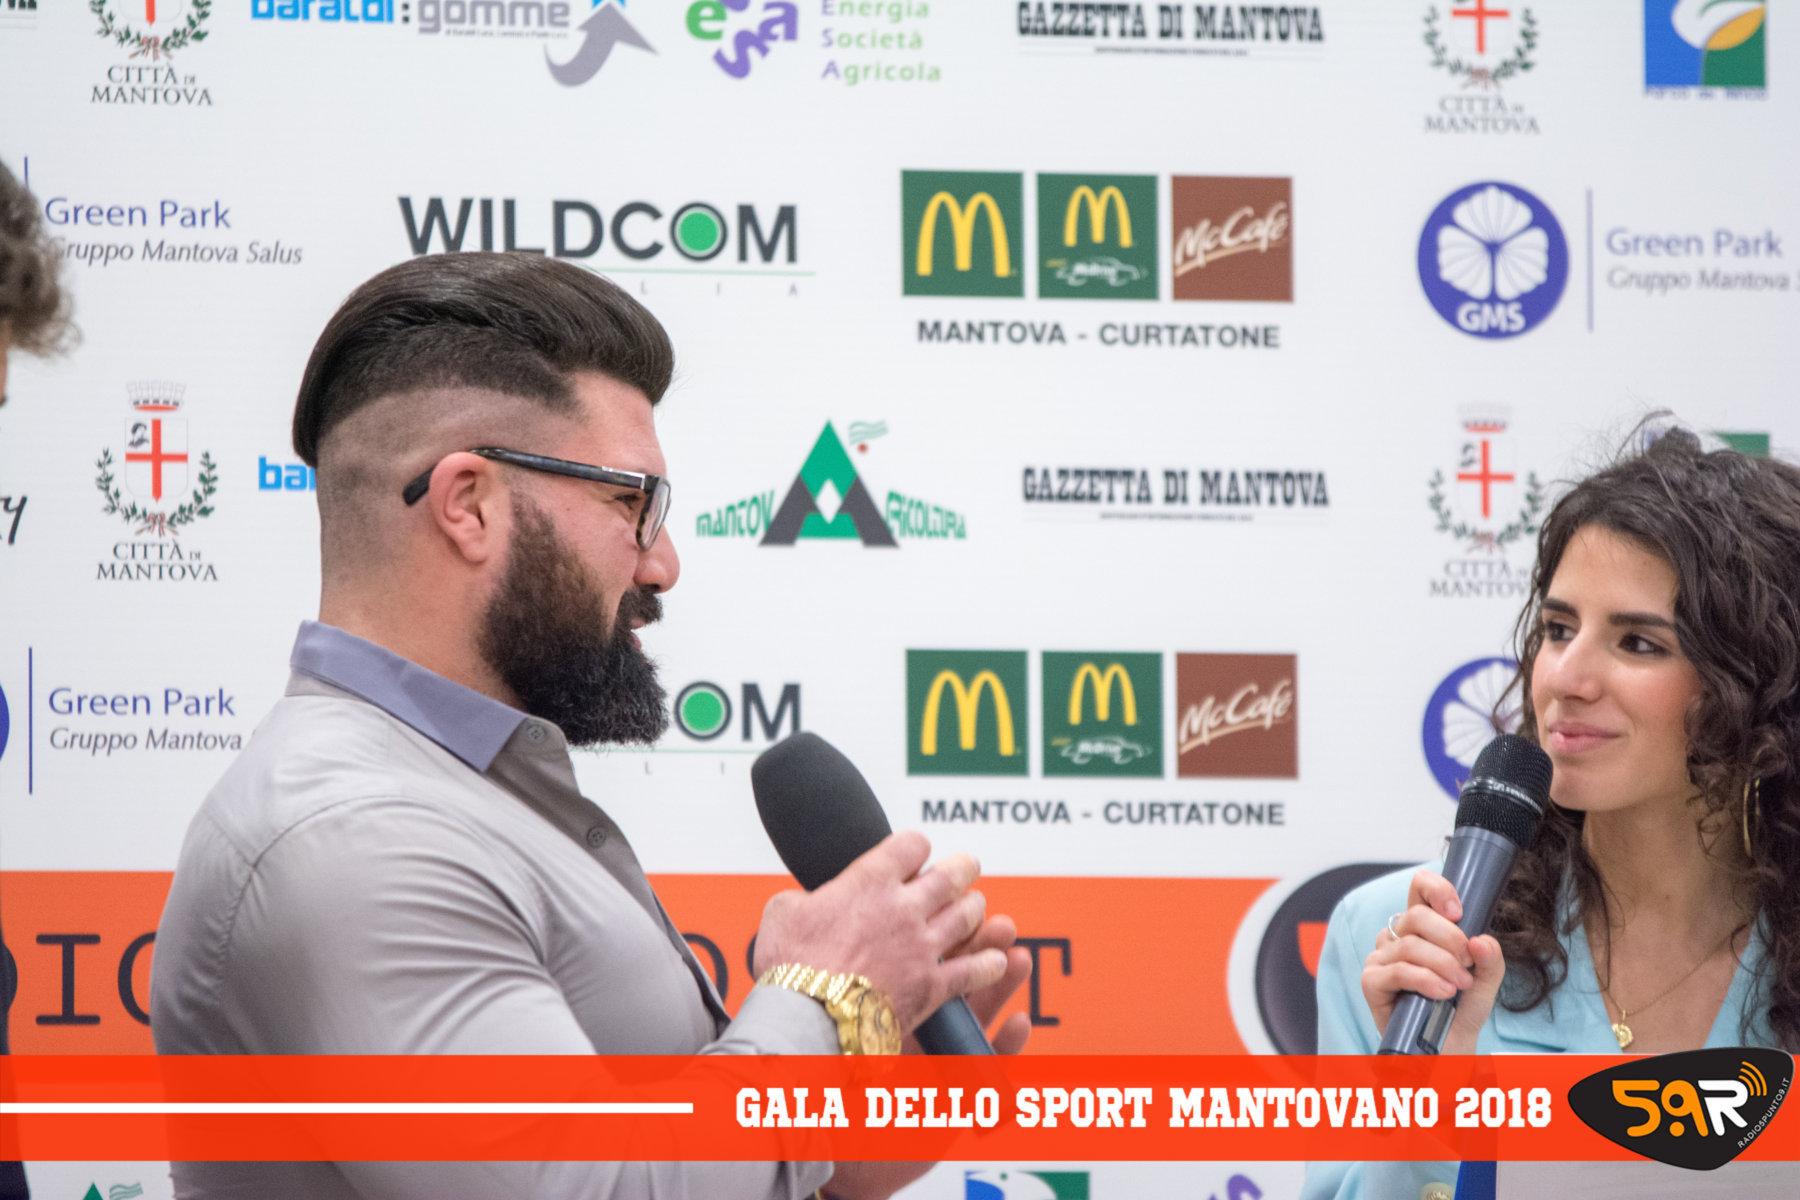 Gala dello Sport Mantovano 2018 Web Radio 5 (115)